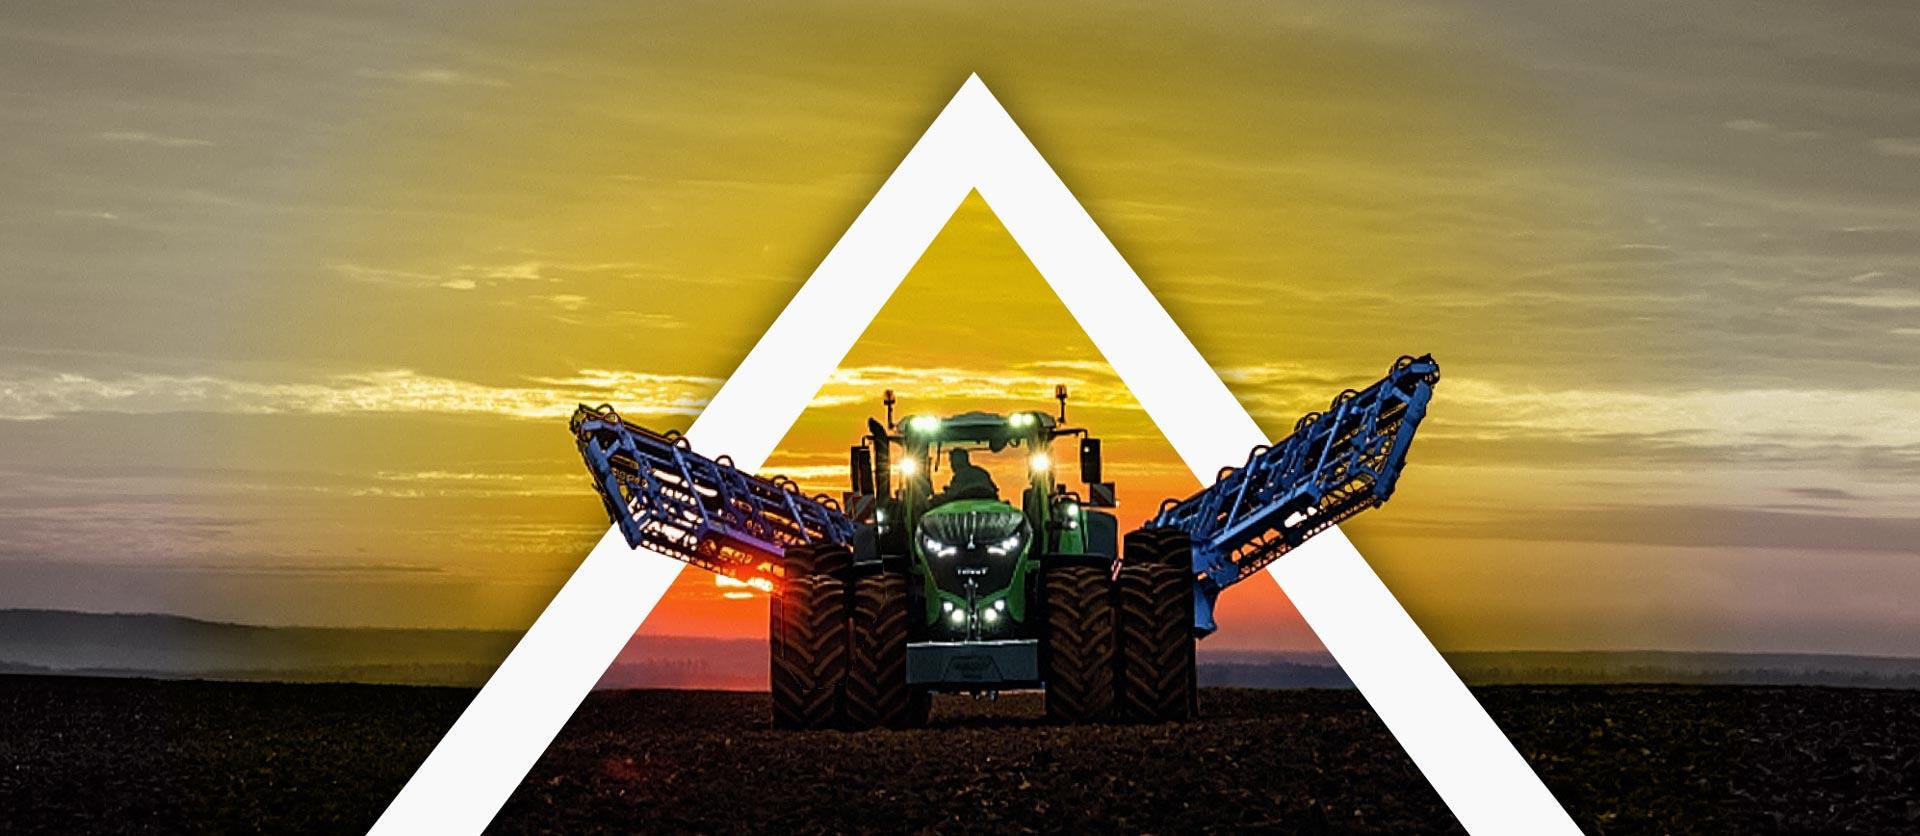 brockhills agricultural services